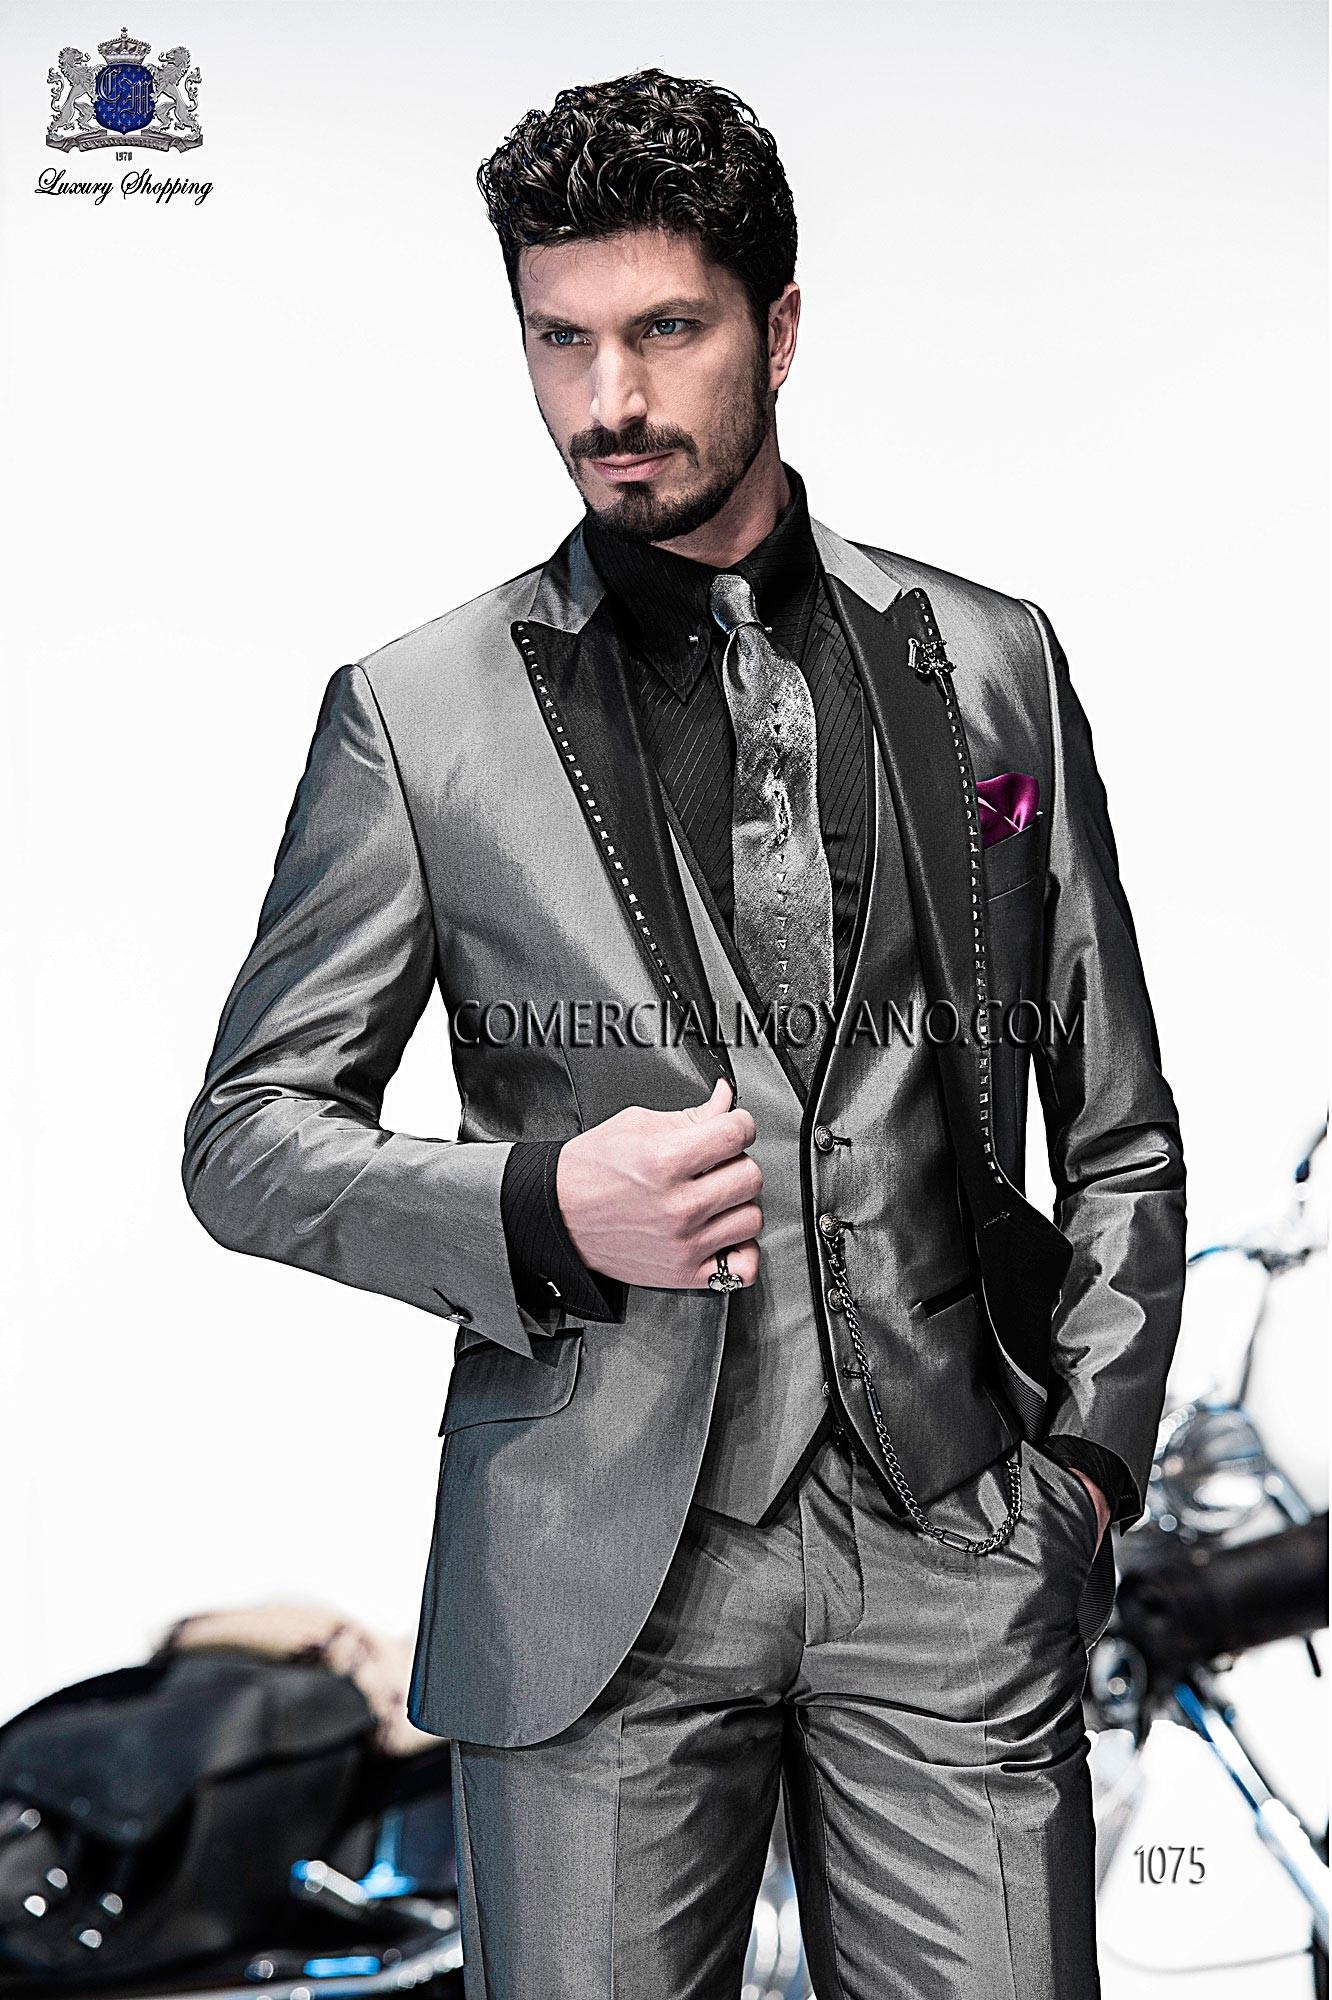 Traje de moda italiano a medida gris tres piezas en tejido algodon,seda con solapa